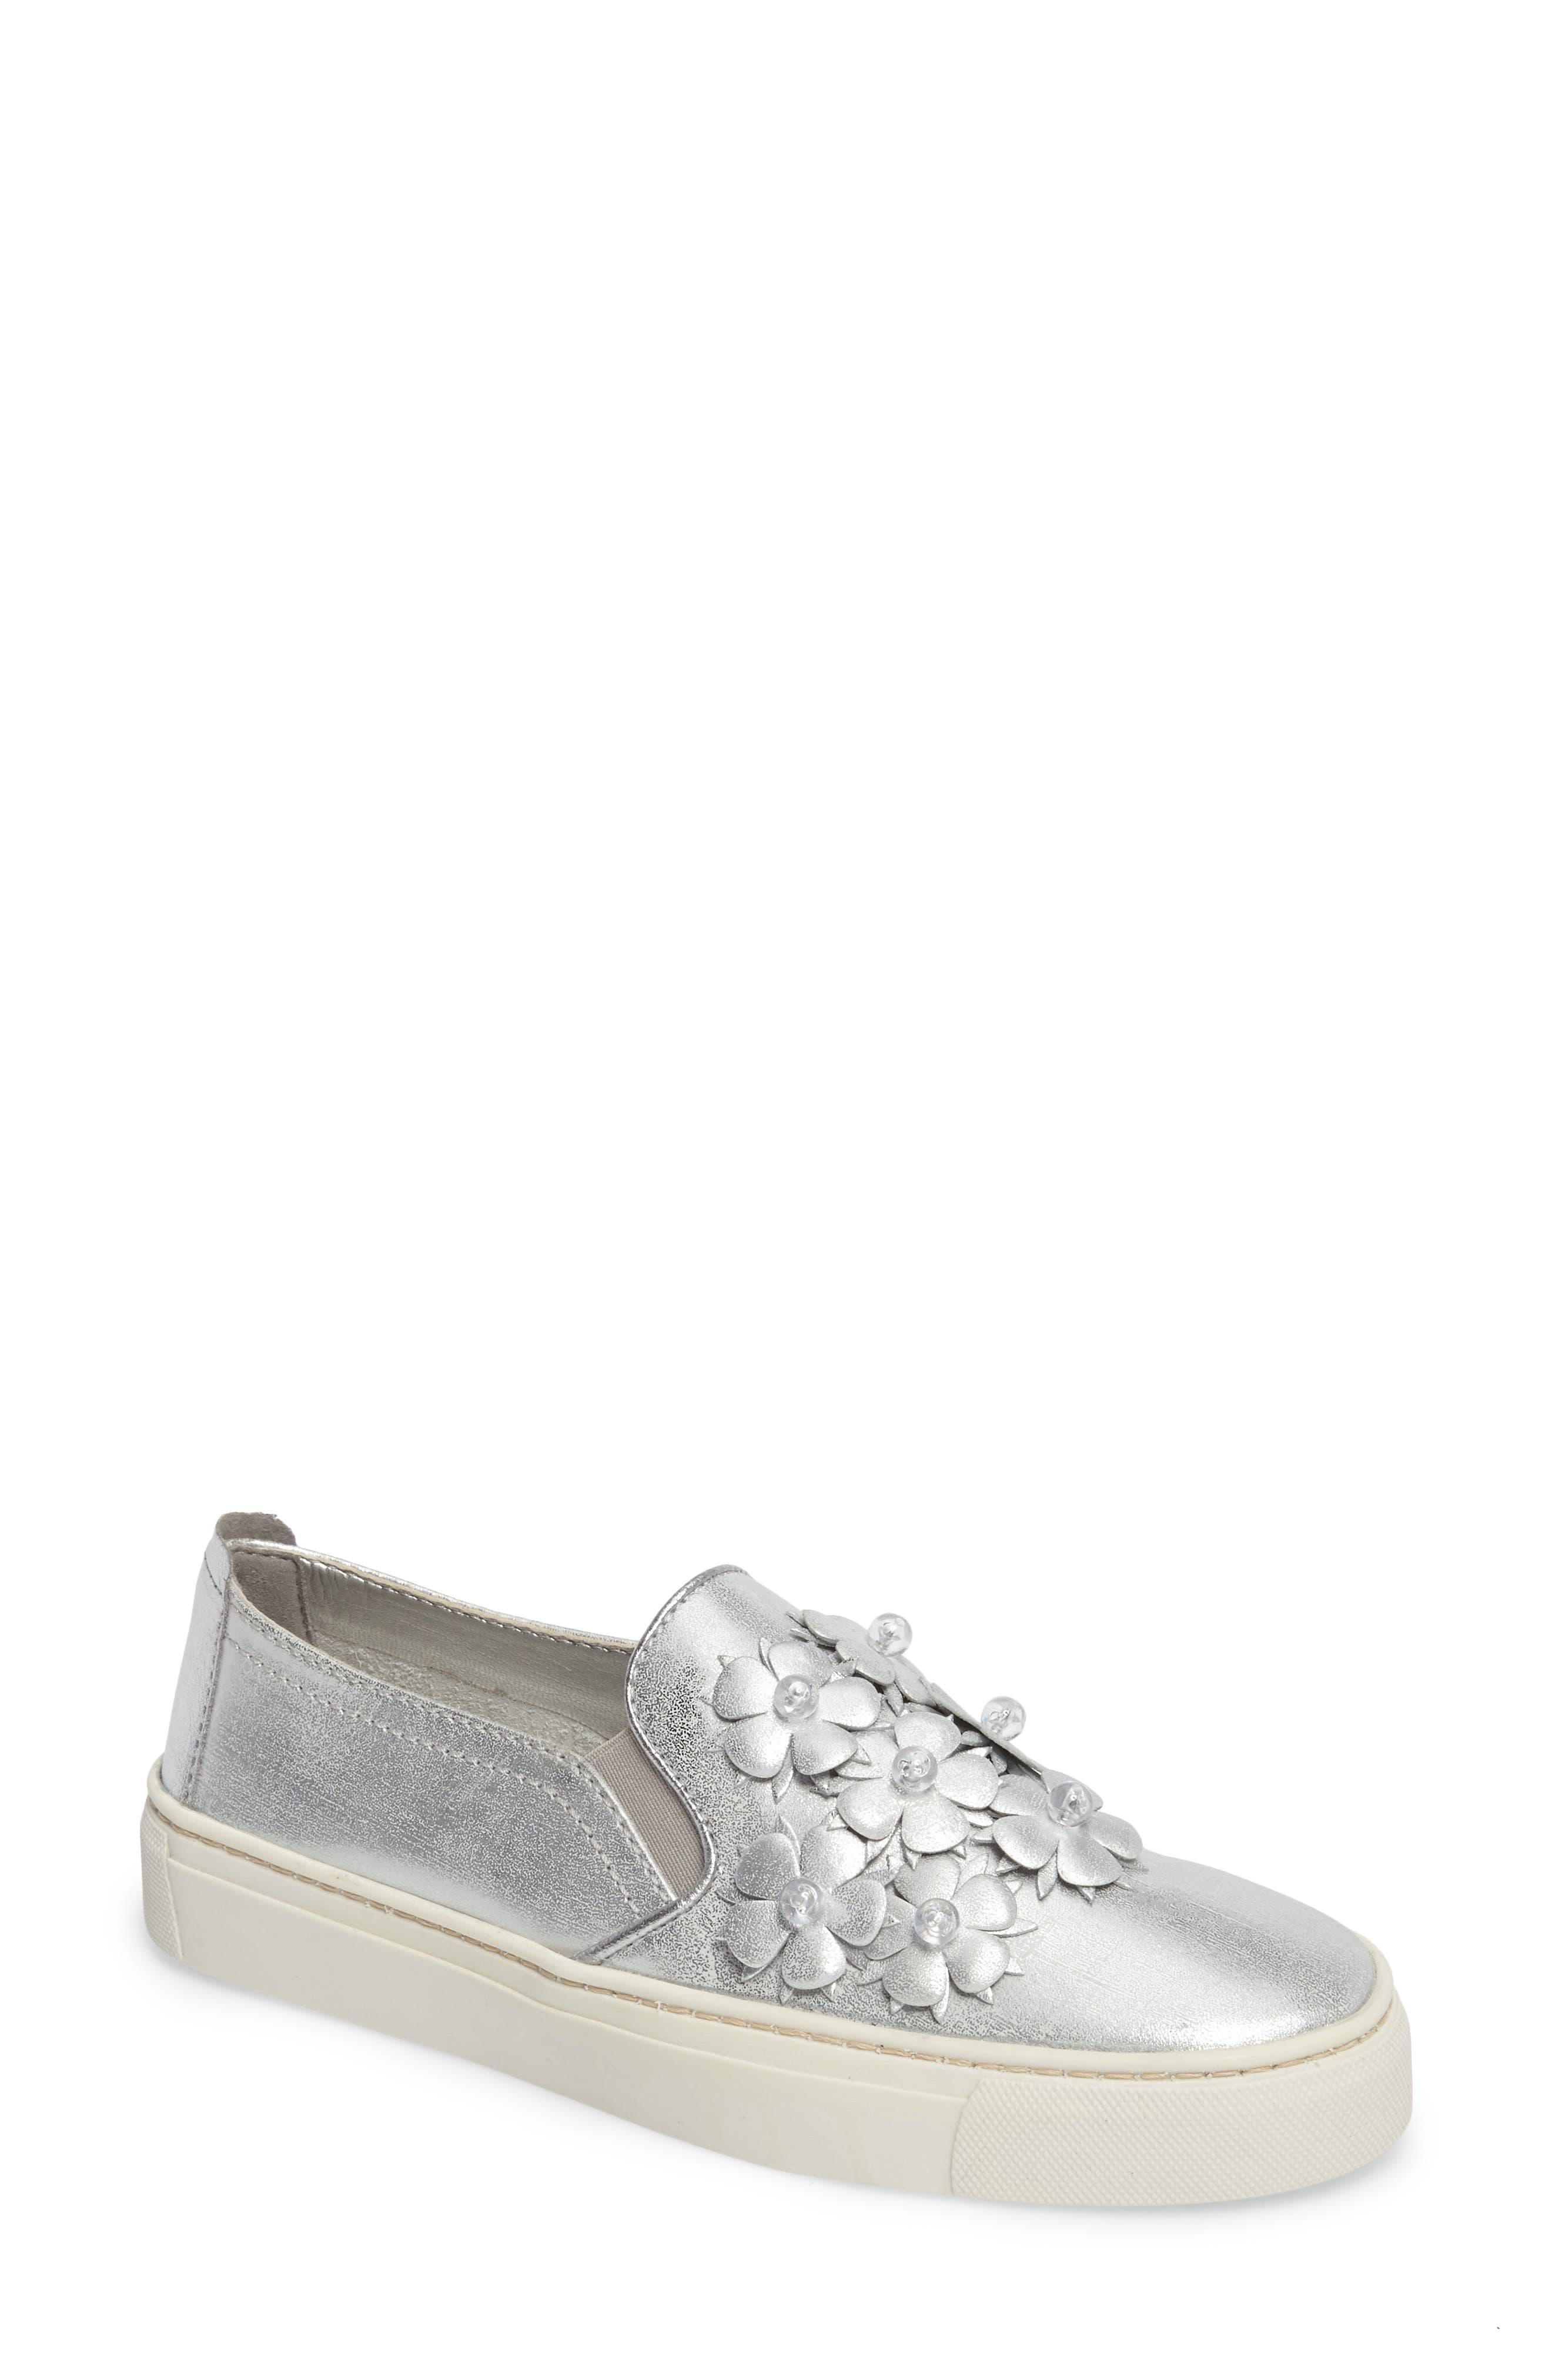 Sneak Blossom Slip-On Sneaker,                         Main,                         color, 020